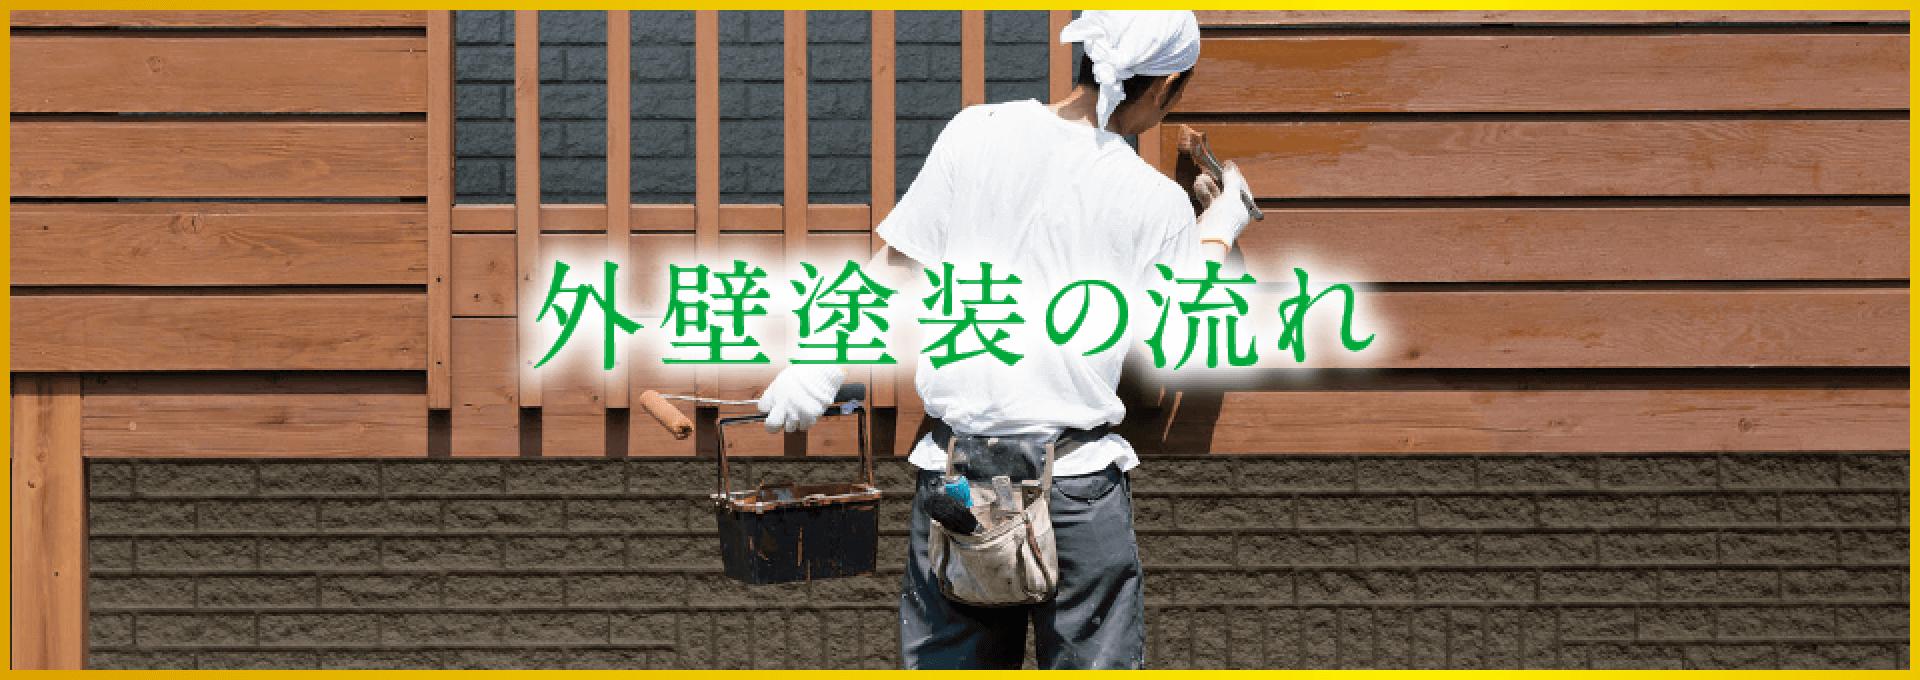 取手市・阿見町・守谷市・土浦市・稲敷市で外壁塗装・屋根塗装は幸和建装